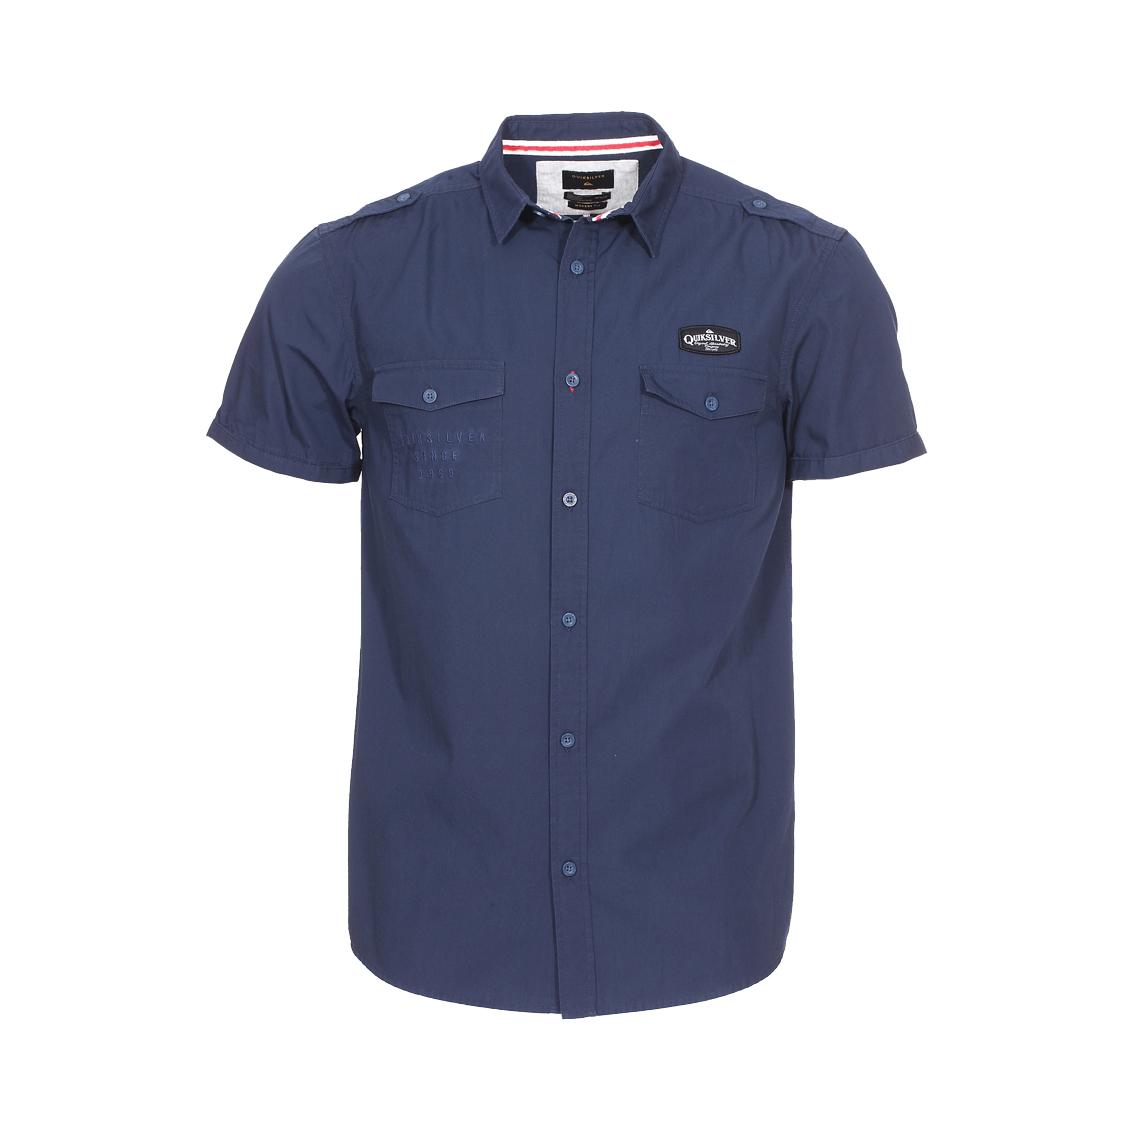 Chemise manches courtes  shd tripster en coton bleu marine